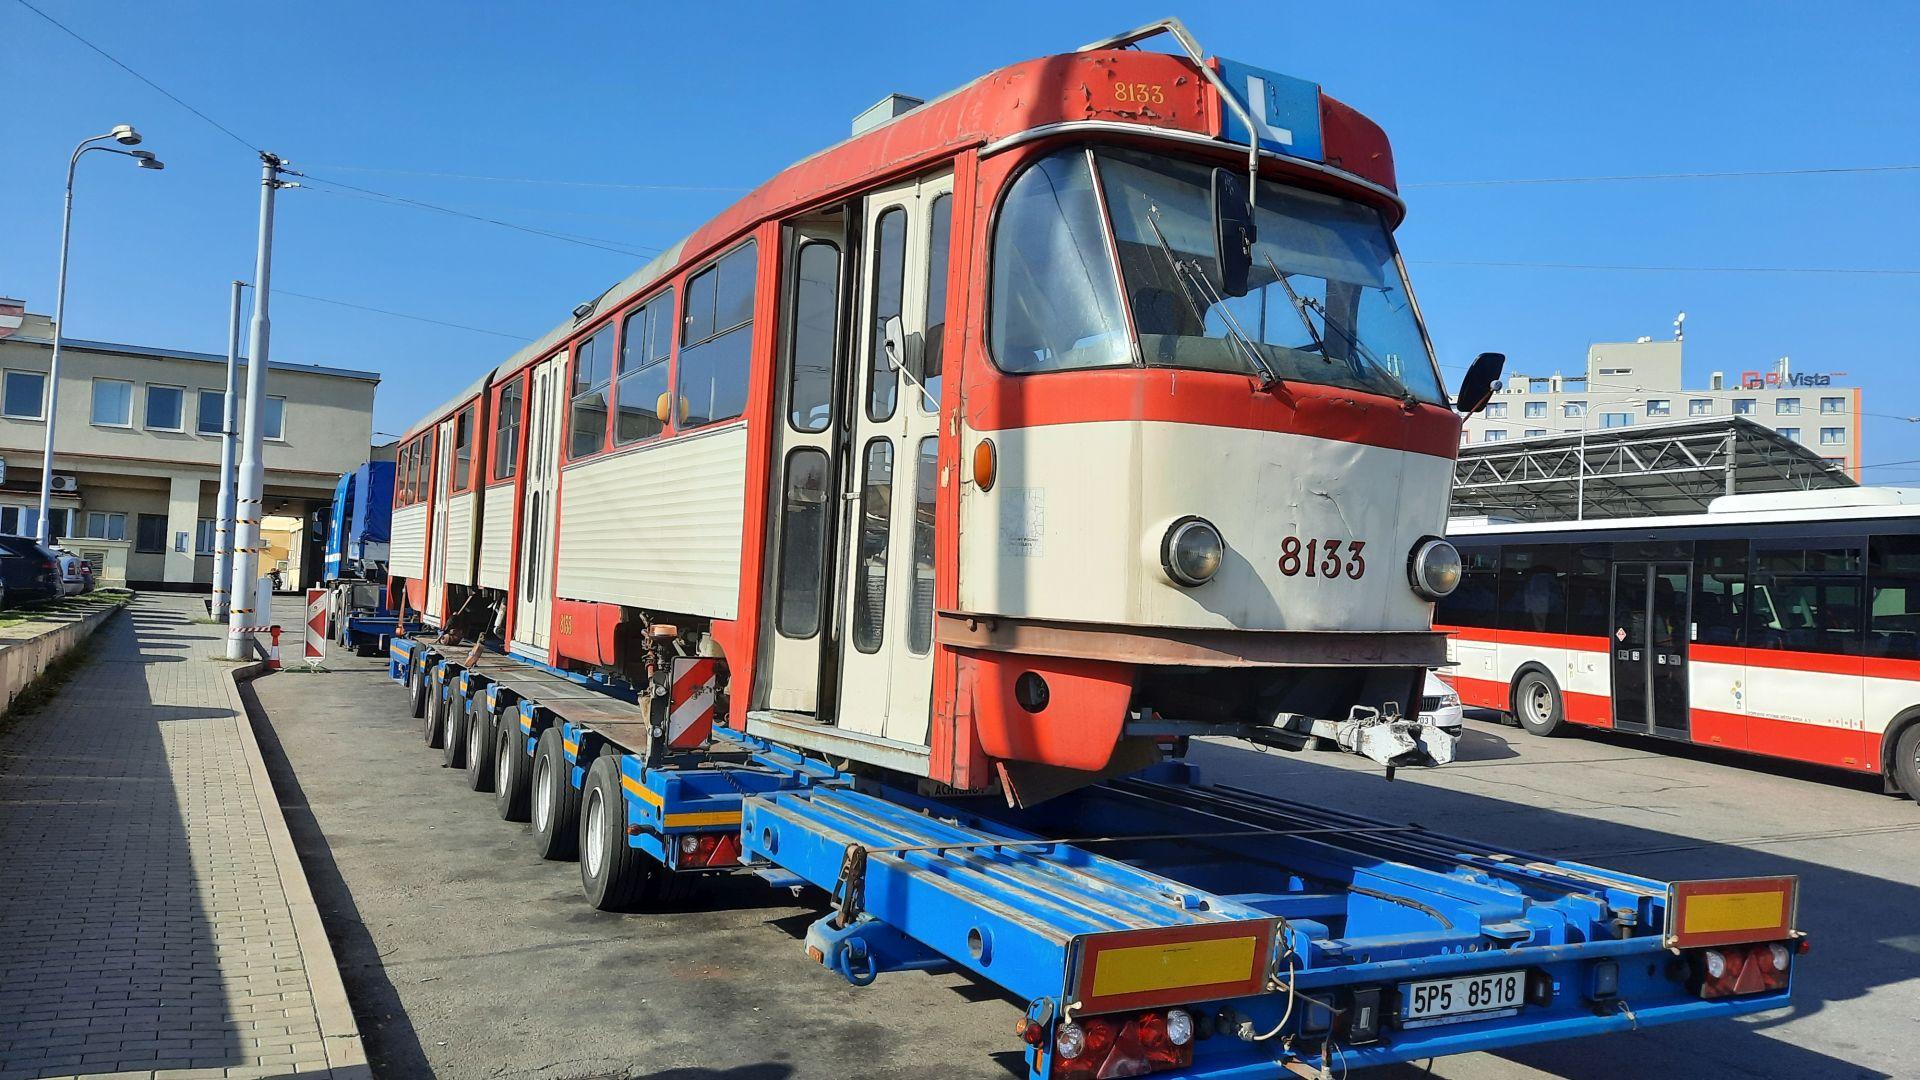 Tramvaj K2 během stěhování do dílen brněnského dopravního podniku. Pramen: DPMB